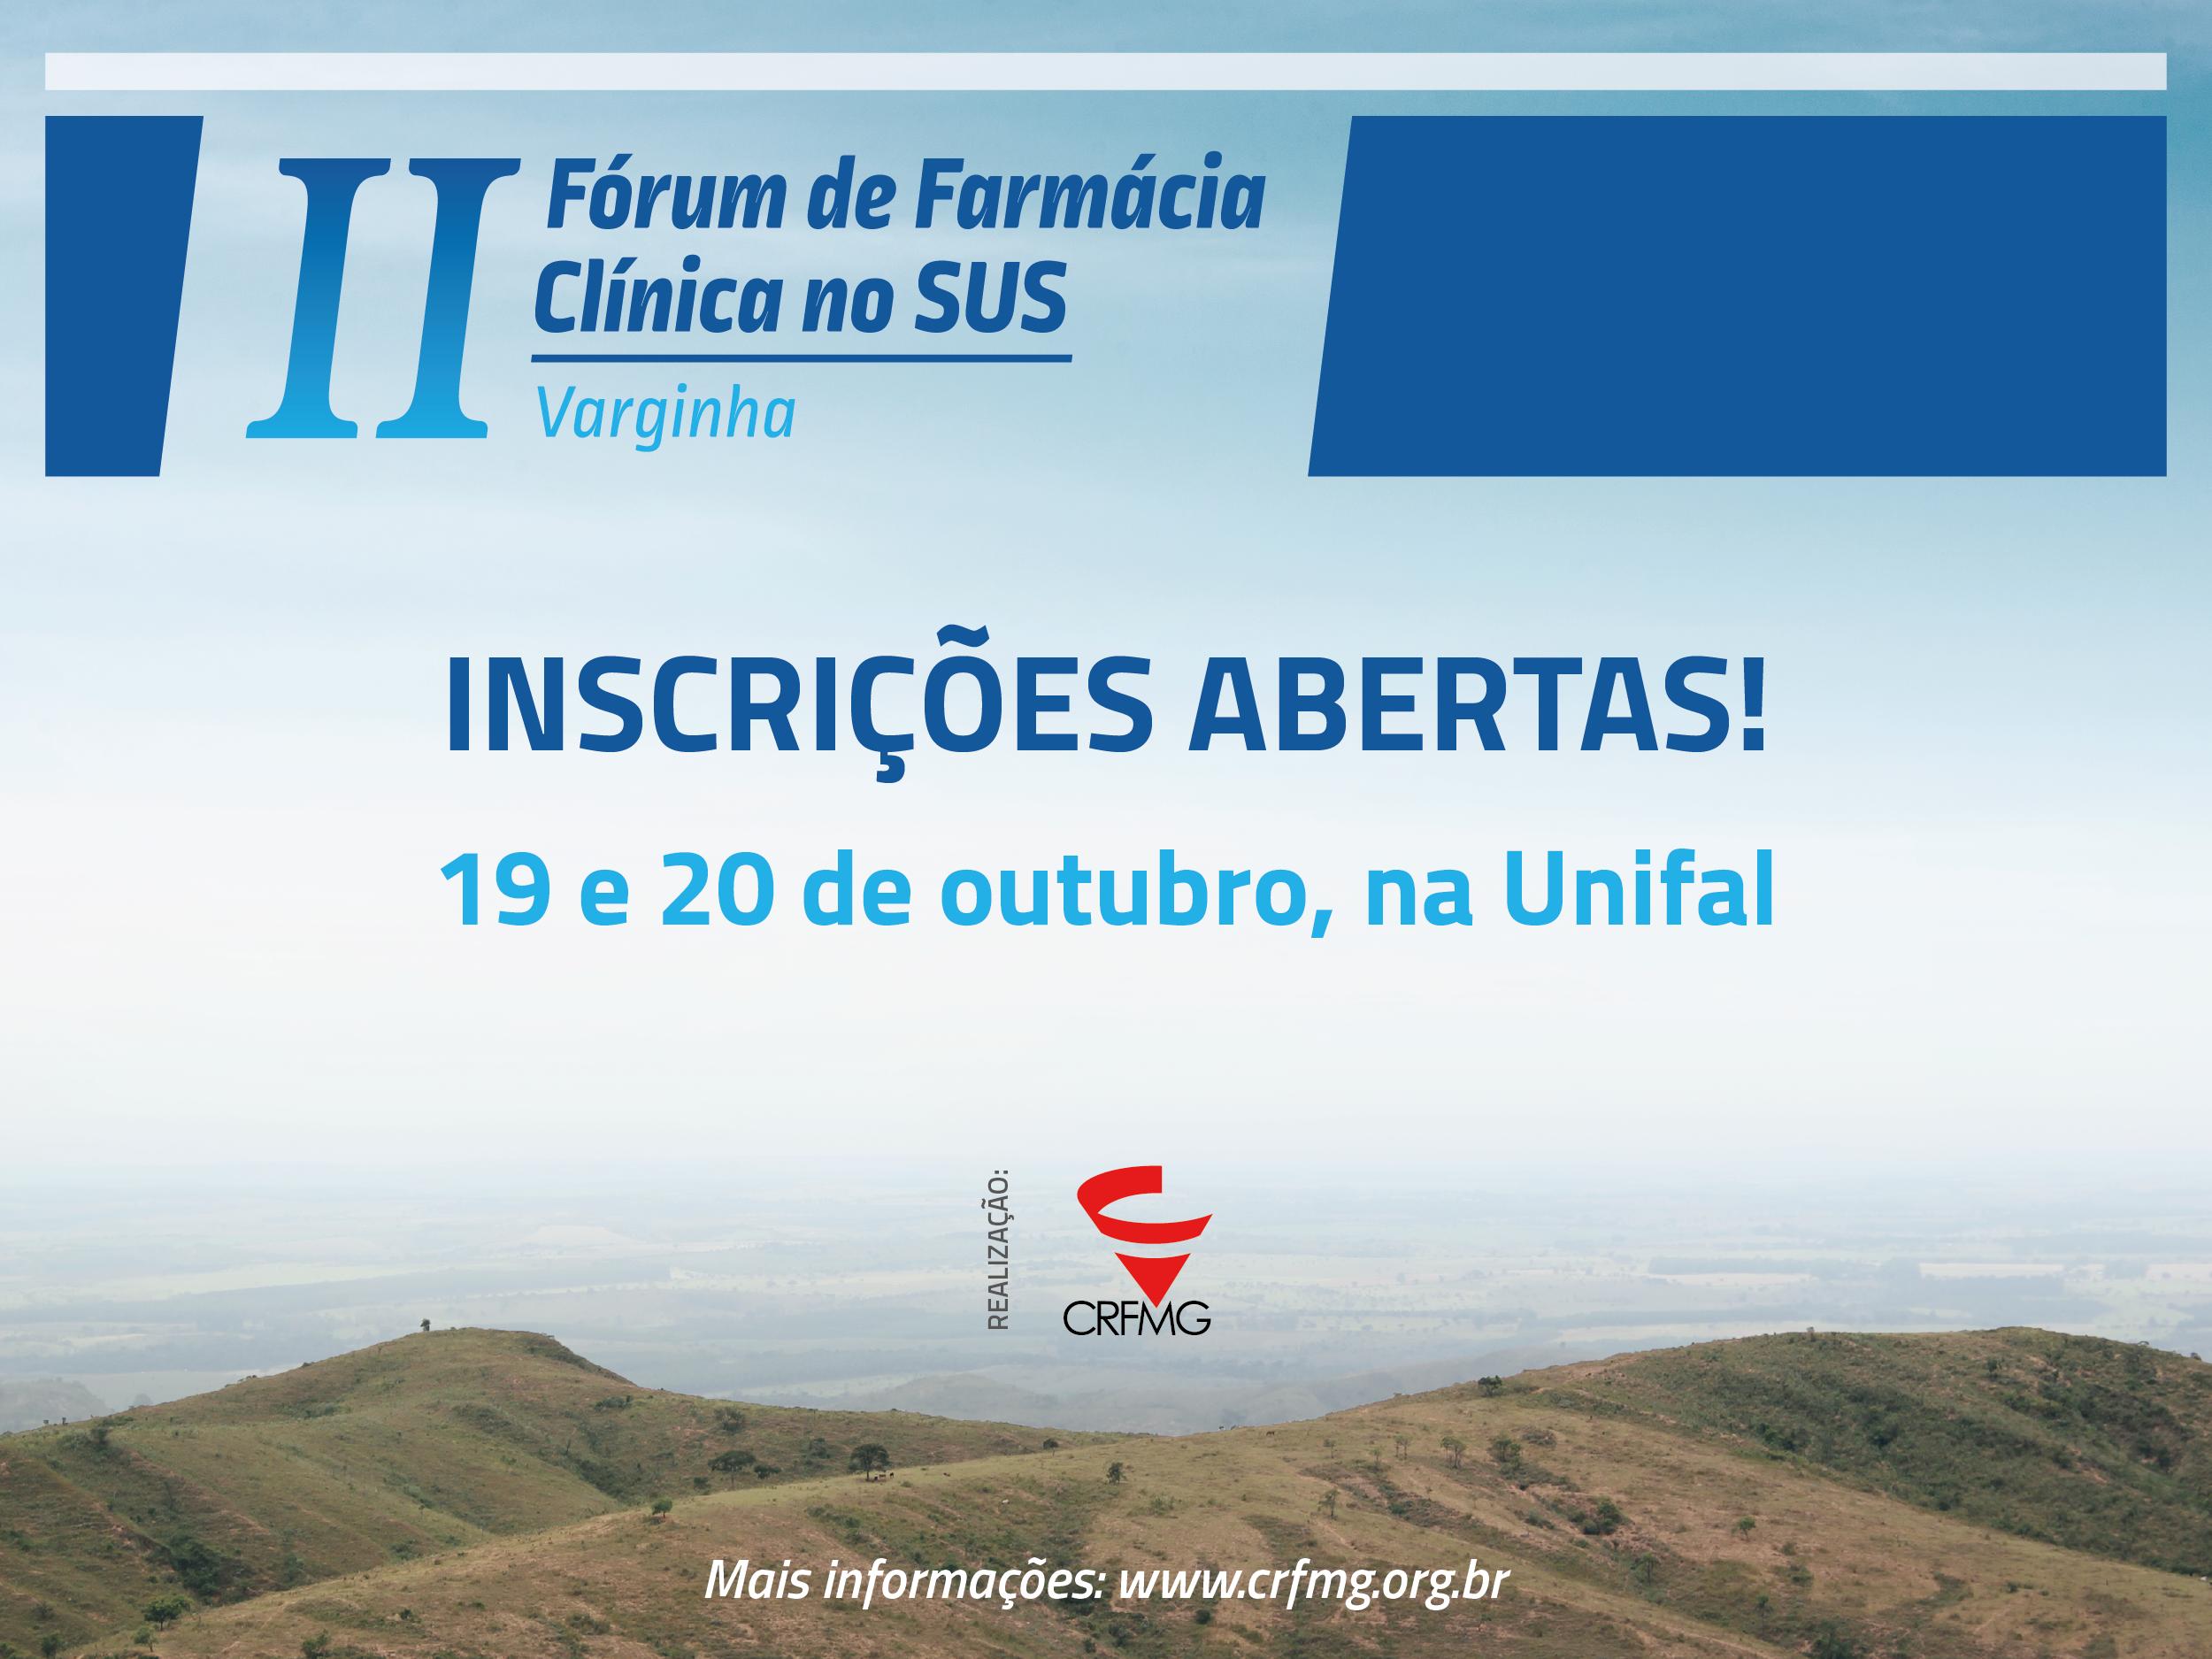 II Fórum de Farmácia Clínica no SUS, em Varginha, está com as inscrições abertas